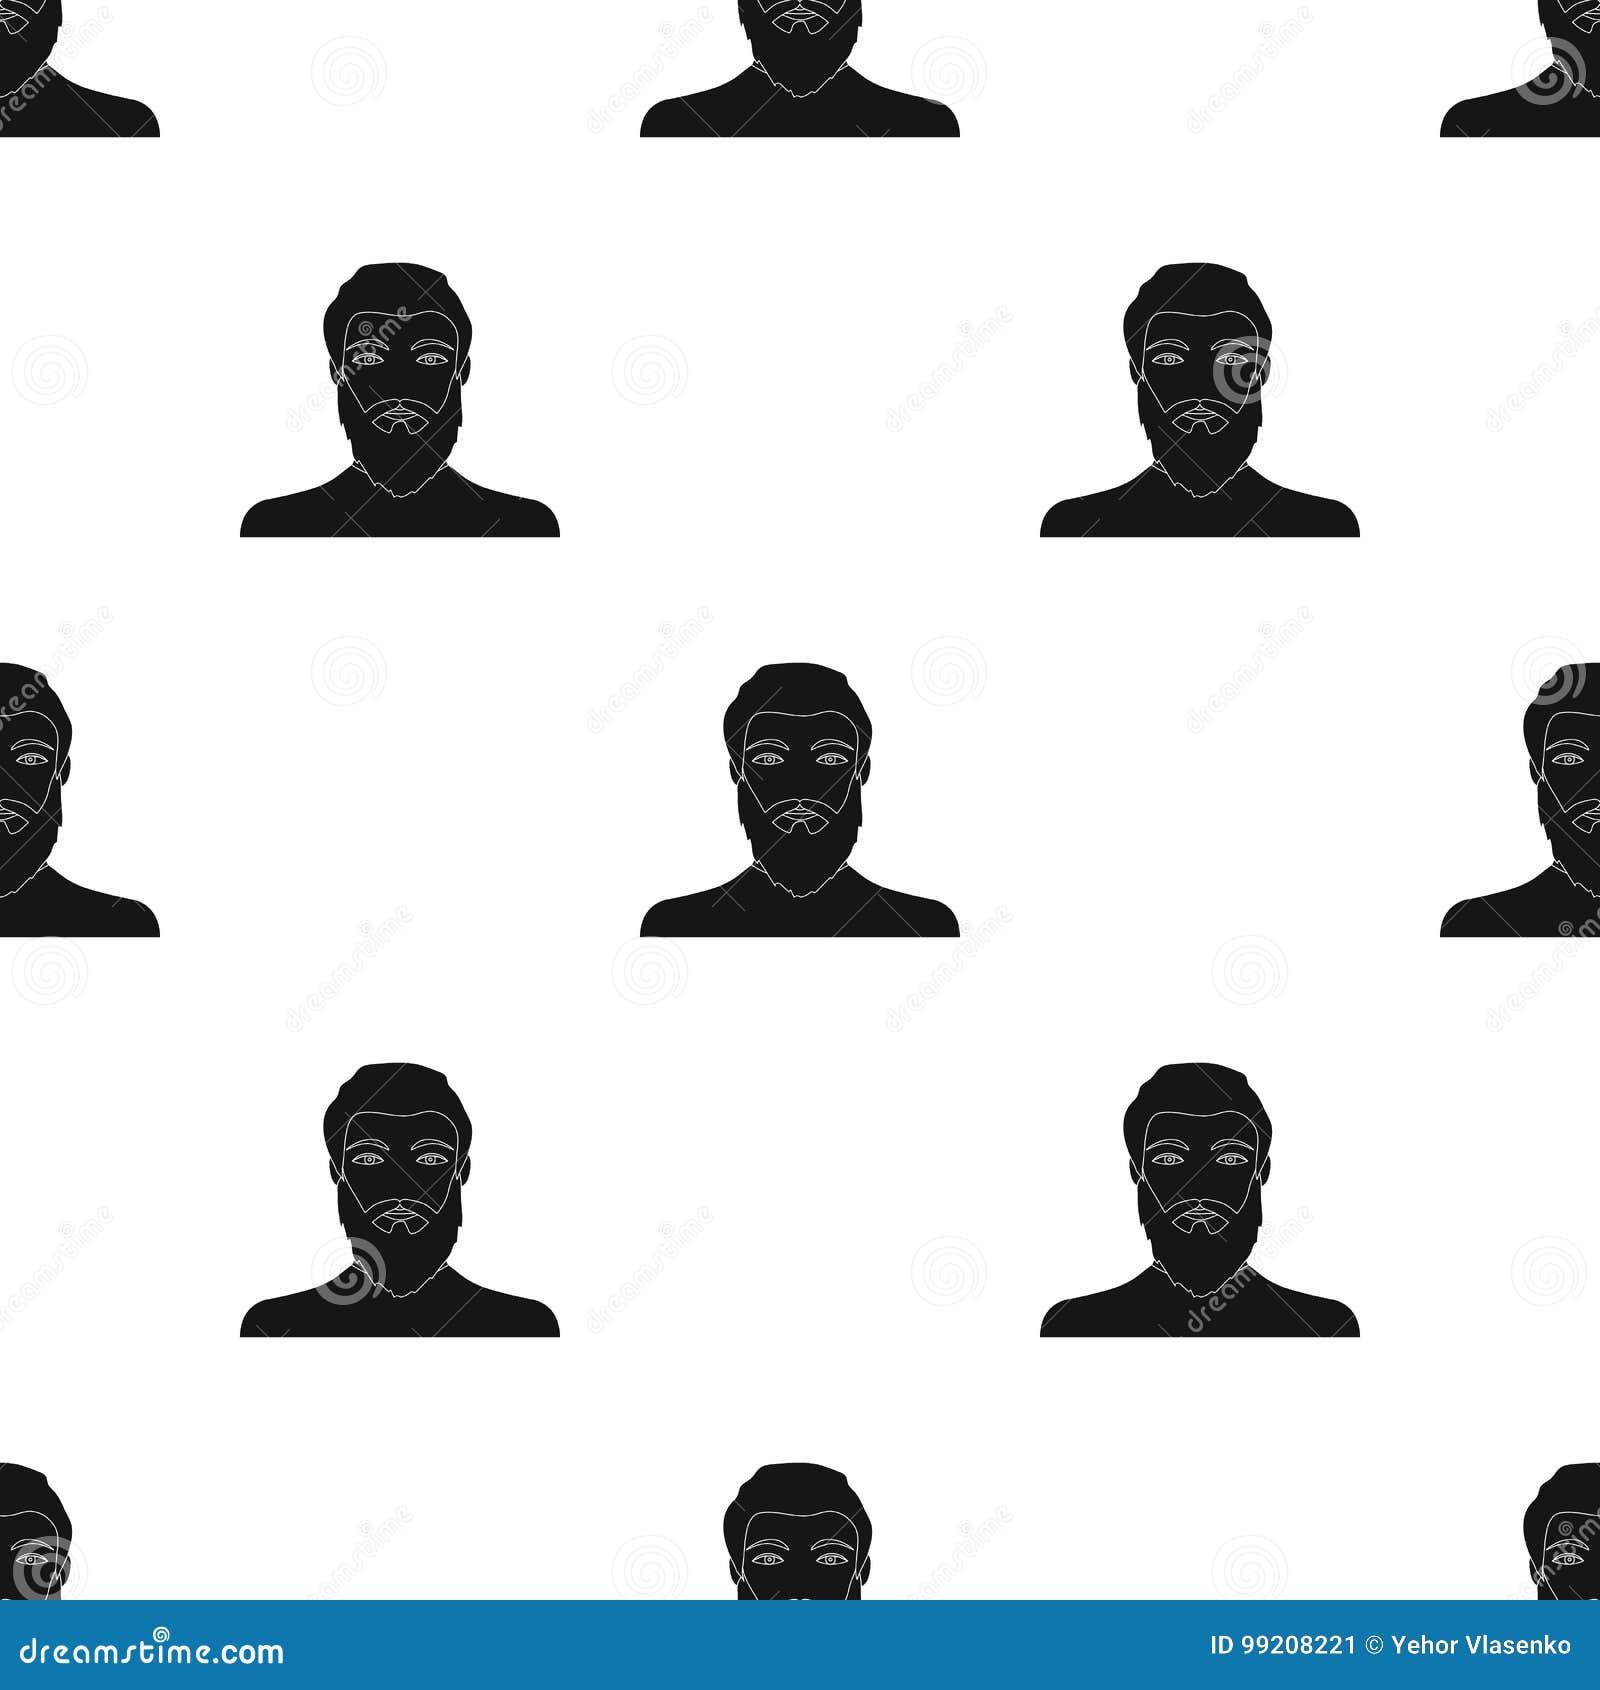 La cara de un hombre con una barba y un bigote La cara e icono del aspecto el solo en estilo negro vector la acción del símbolo